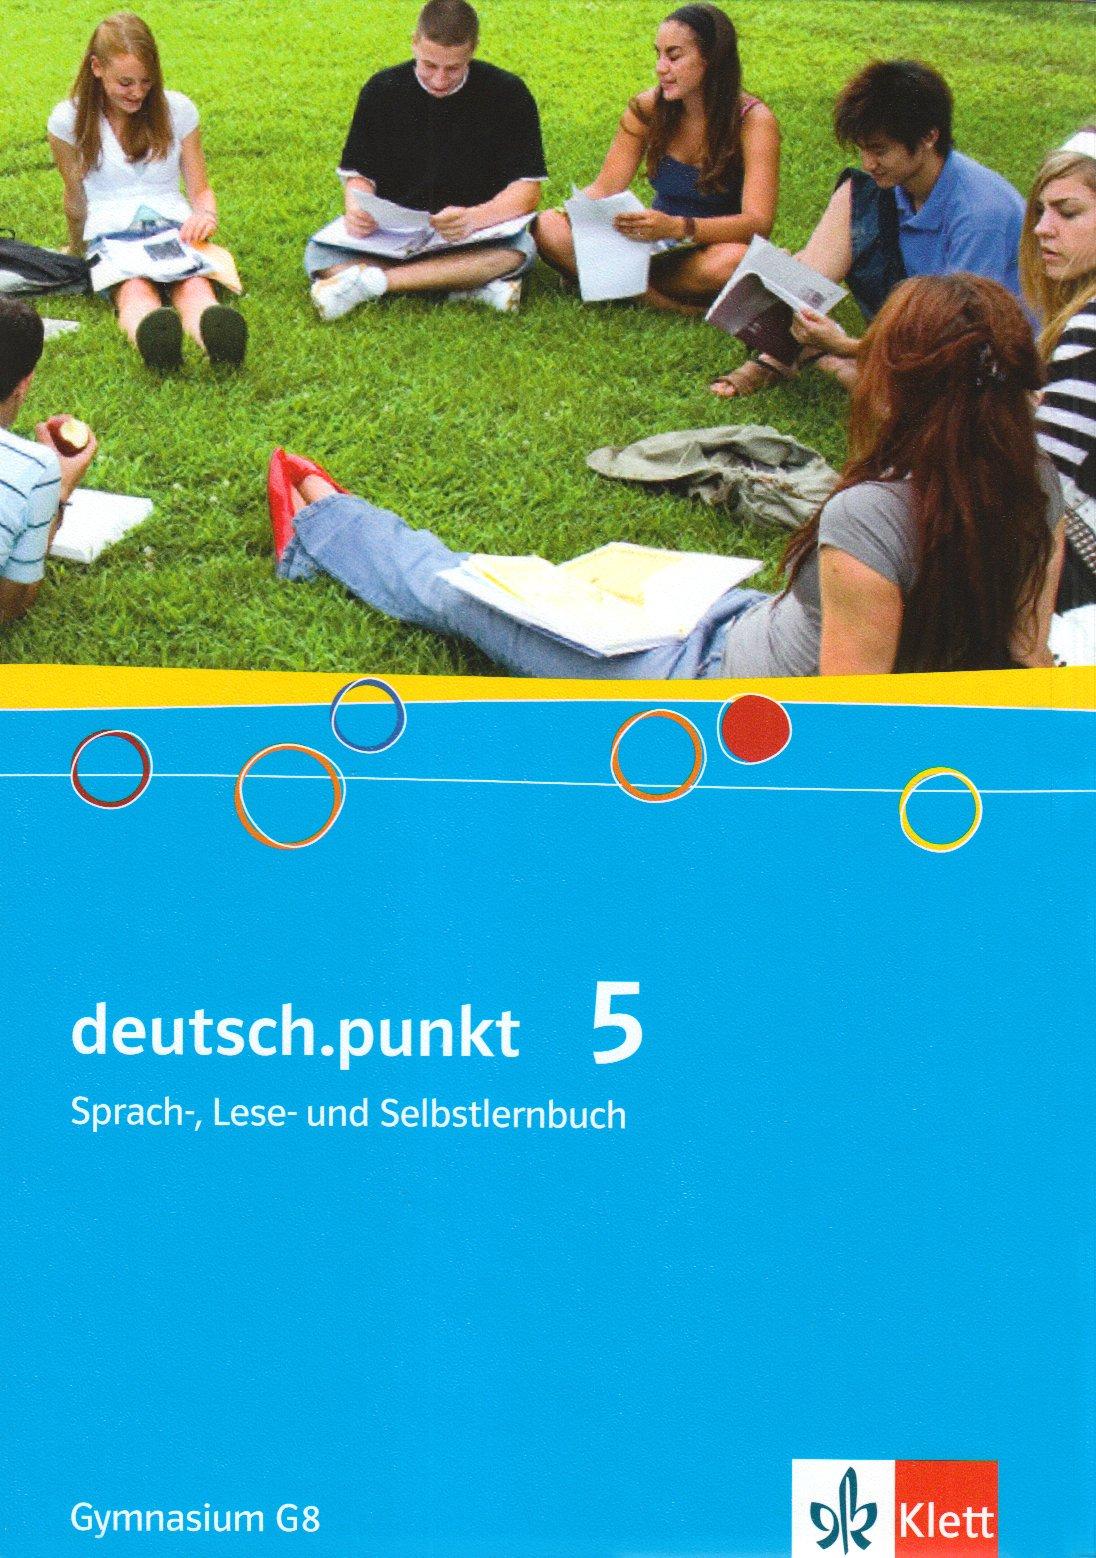 deutsch-punkt-sprach-lese-und-selbstlernbuch-ausgabe-fr-gymnasien-deutsch-punkt-sprach-lese-und-selbstlernbuch-schlerbuch-ausgabe-fr-gymnasien